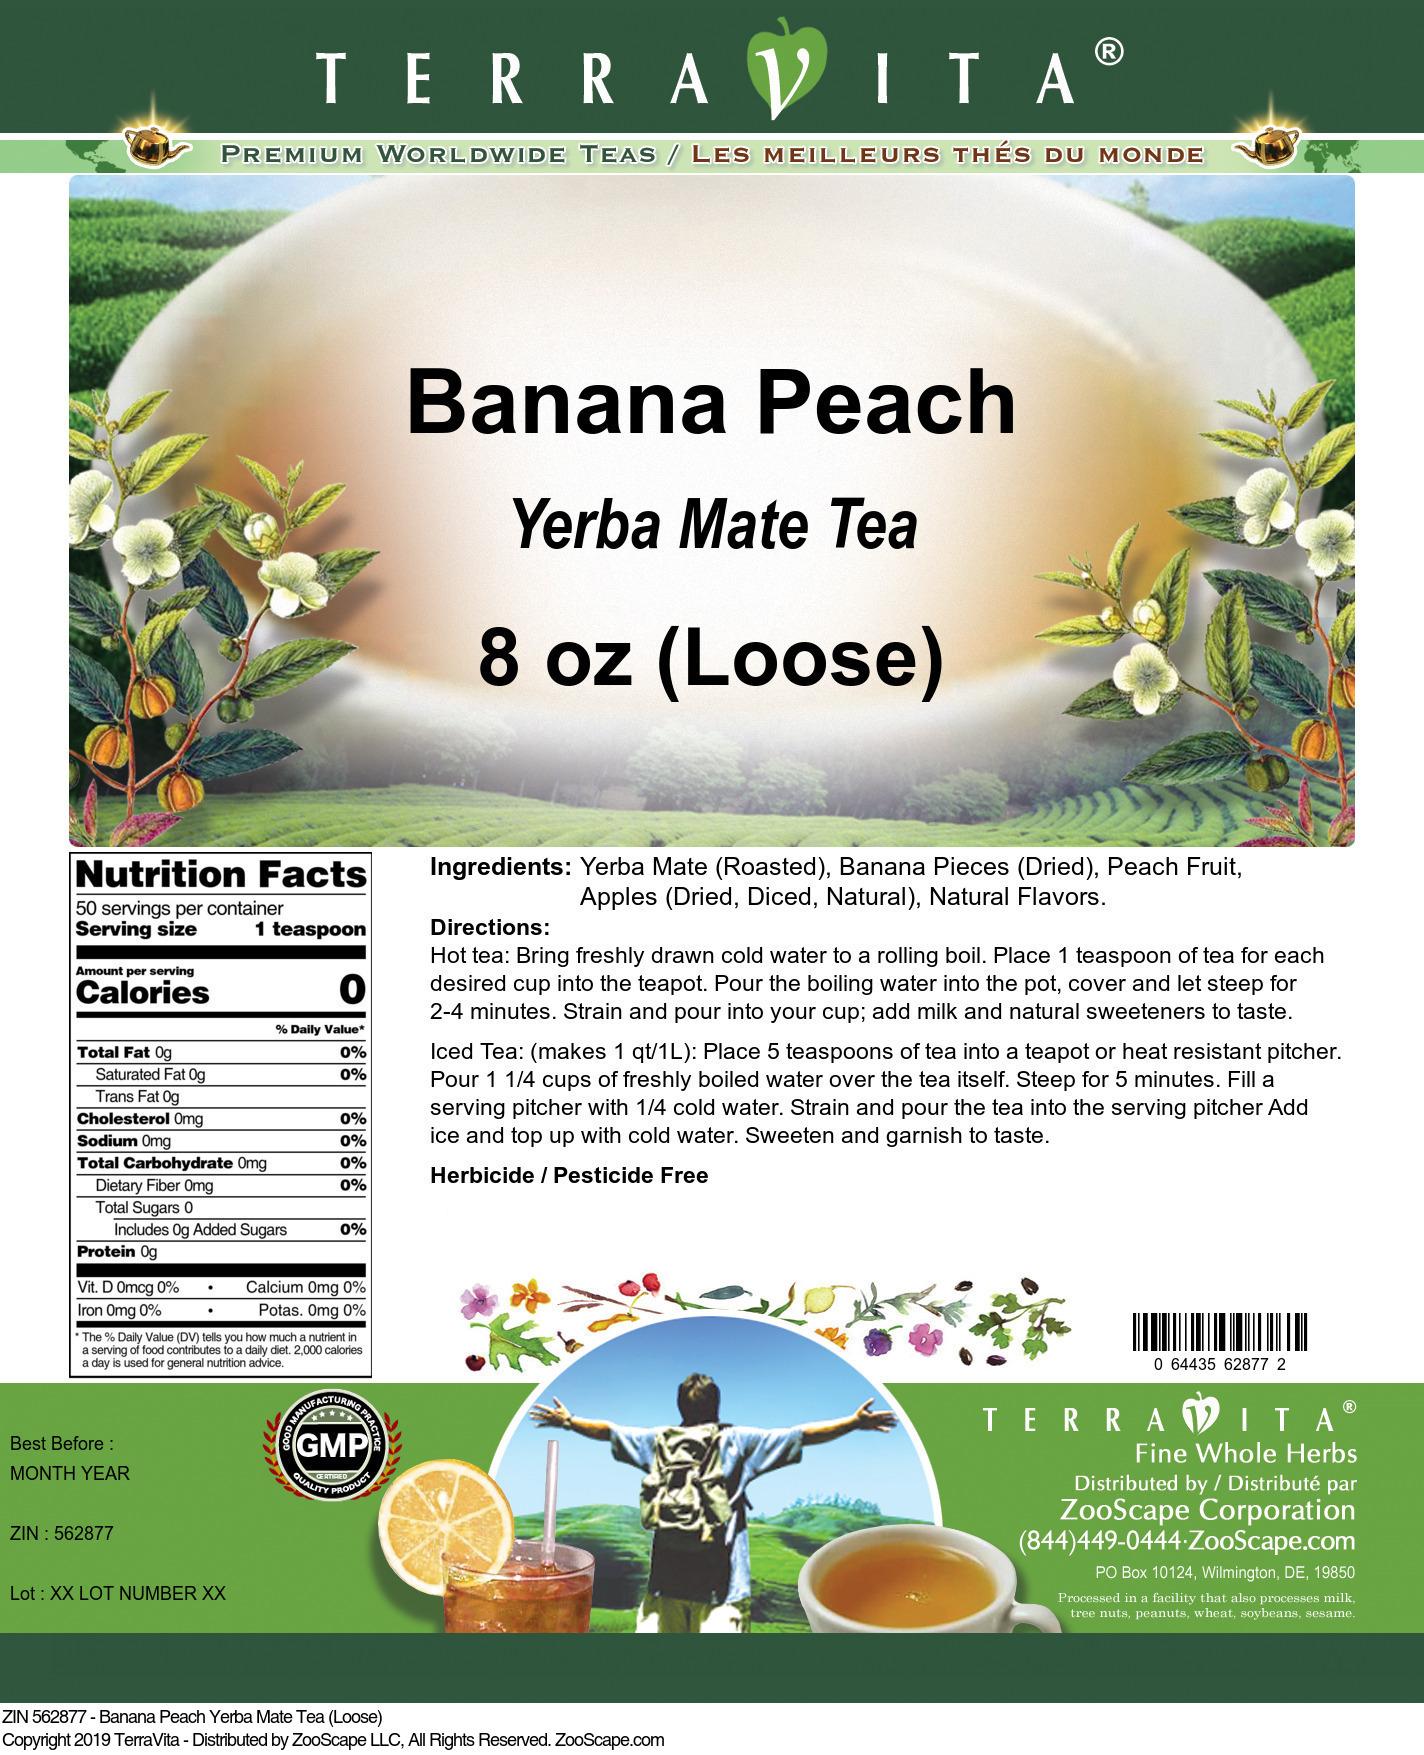 Banana Peach Yerba Mate